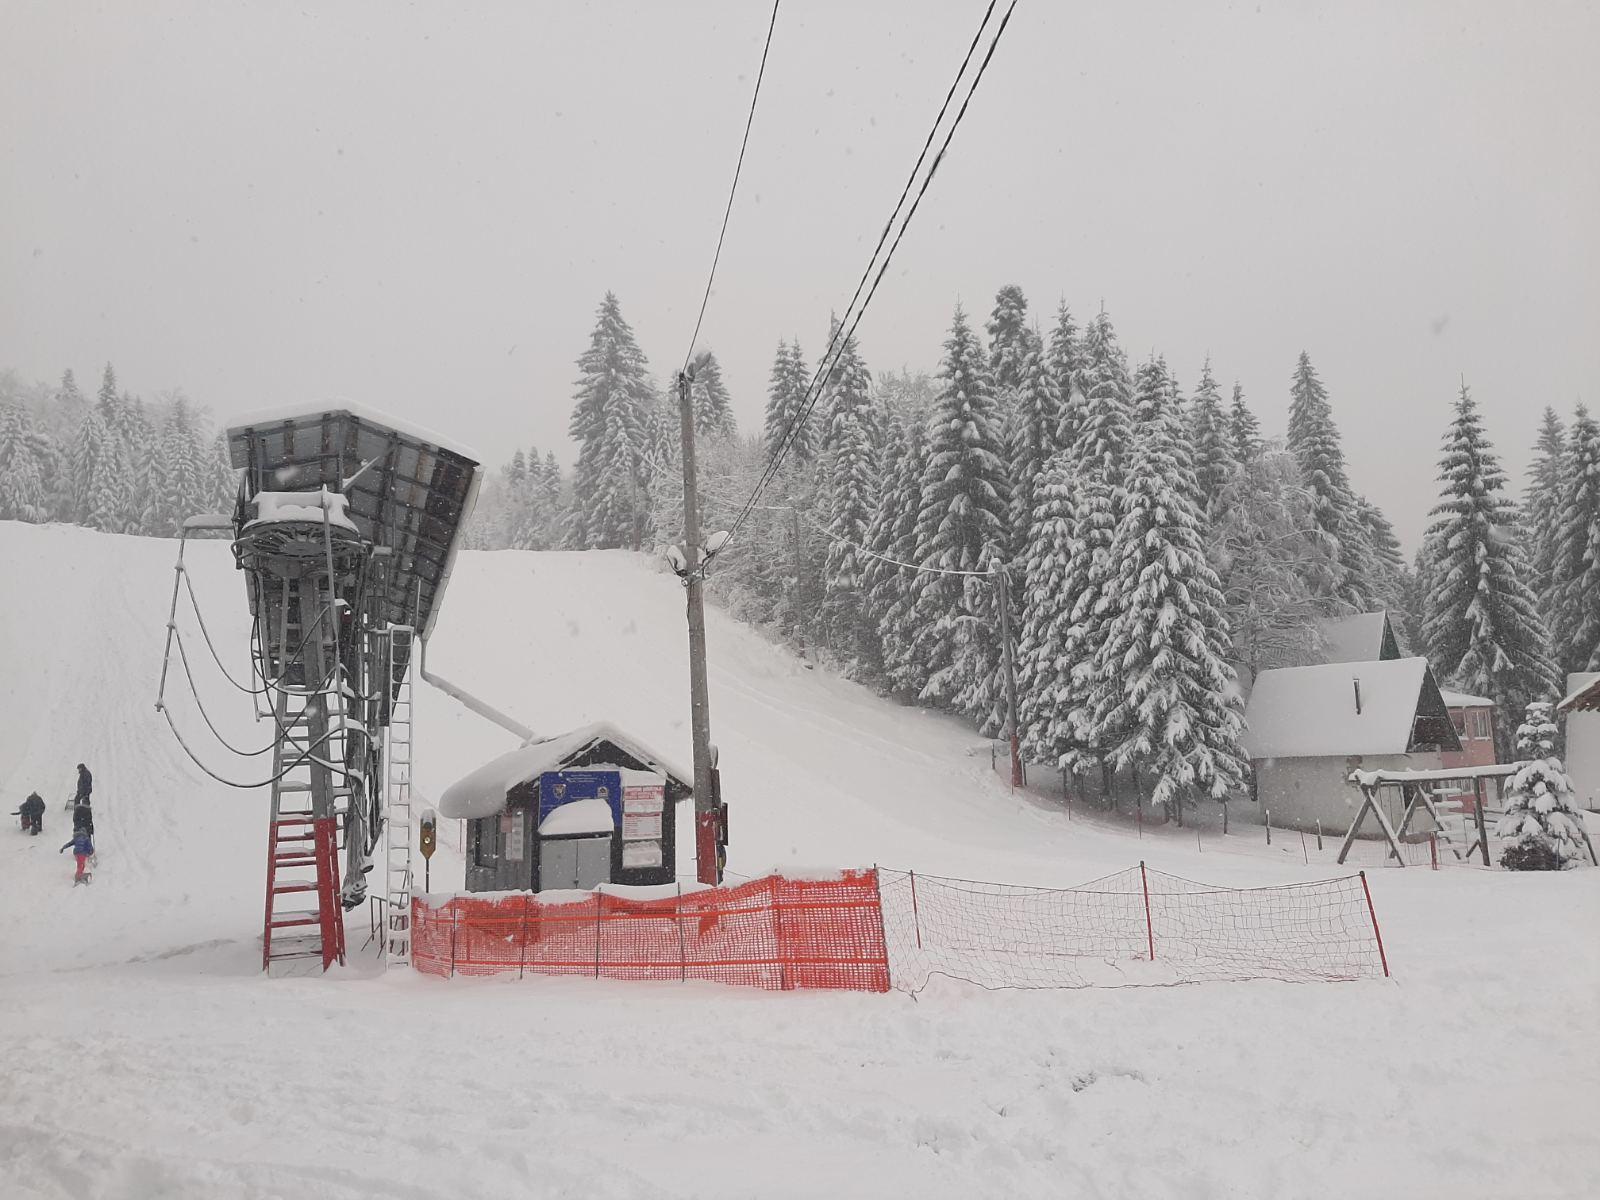 Početak zimske sezone na Ponijerima: Večeras besplatno noćno skijanje